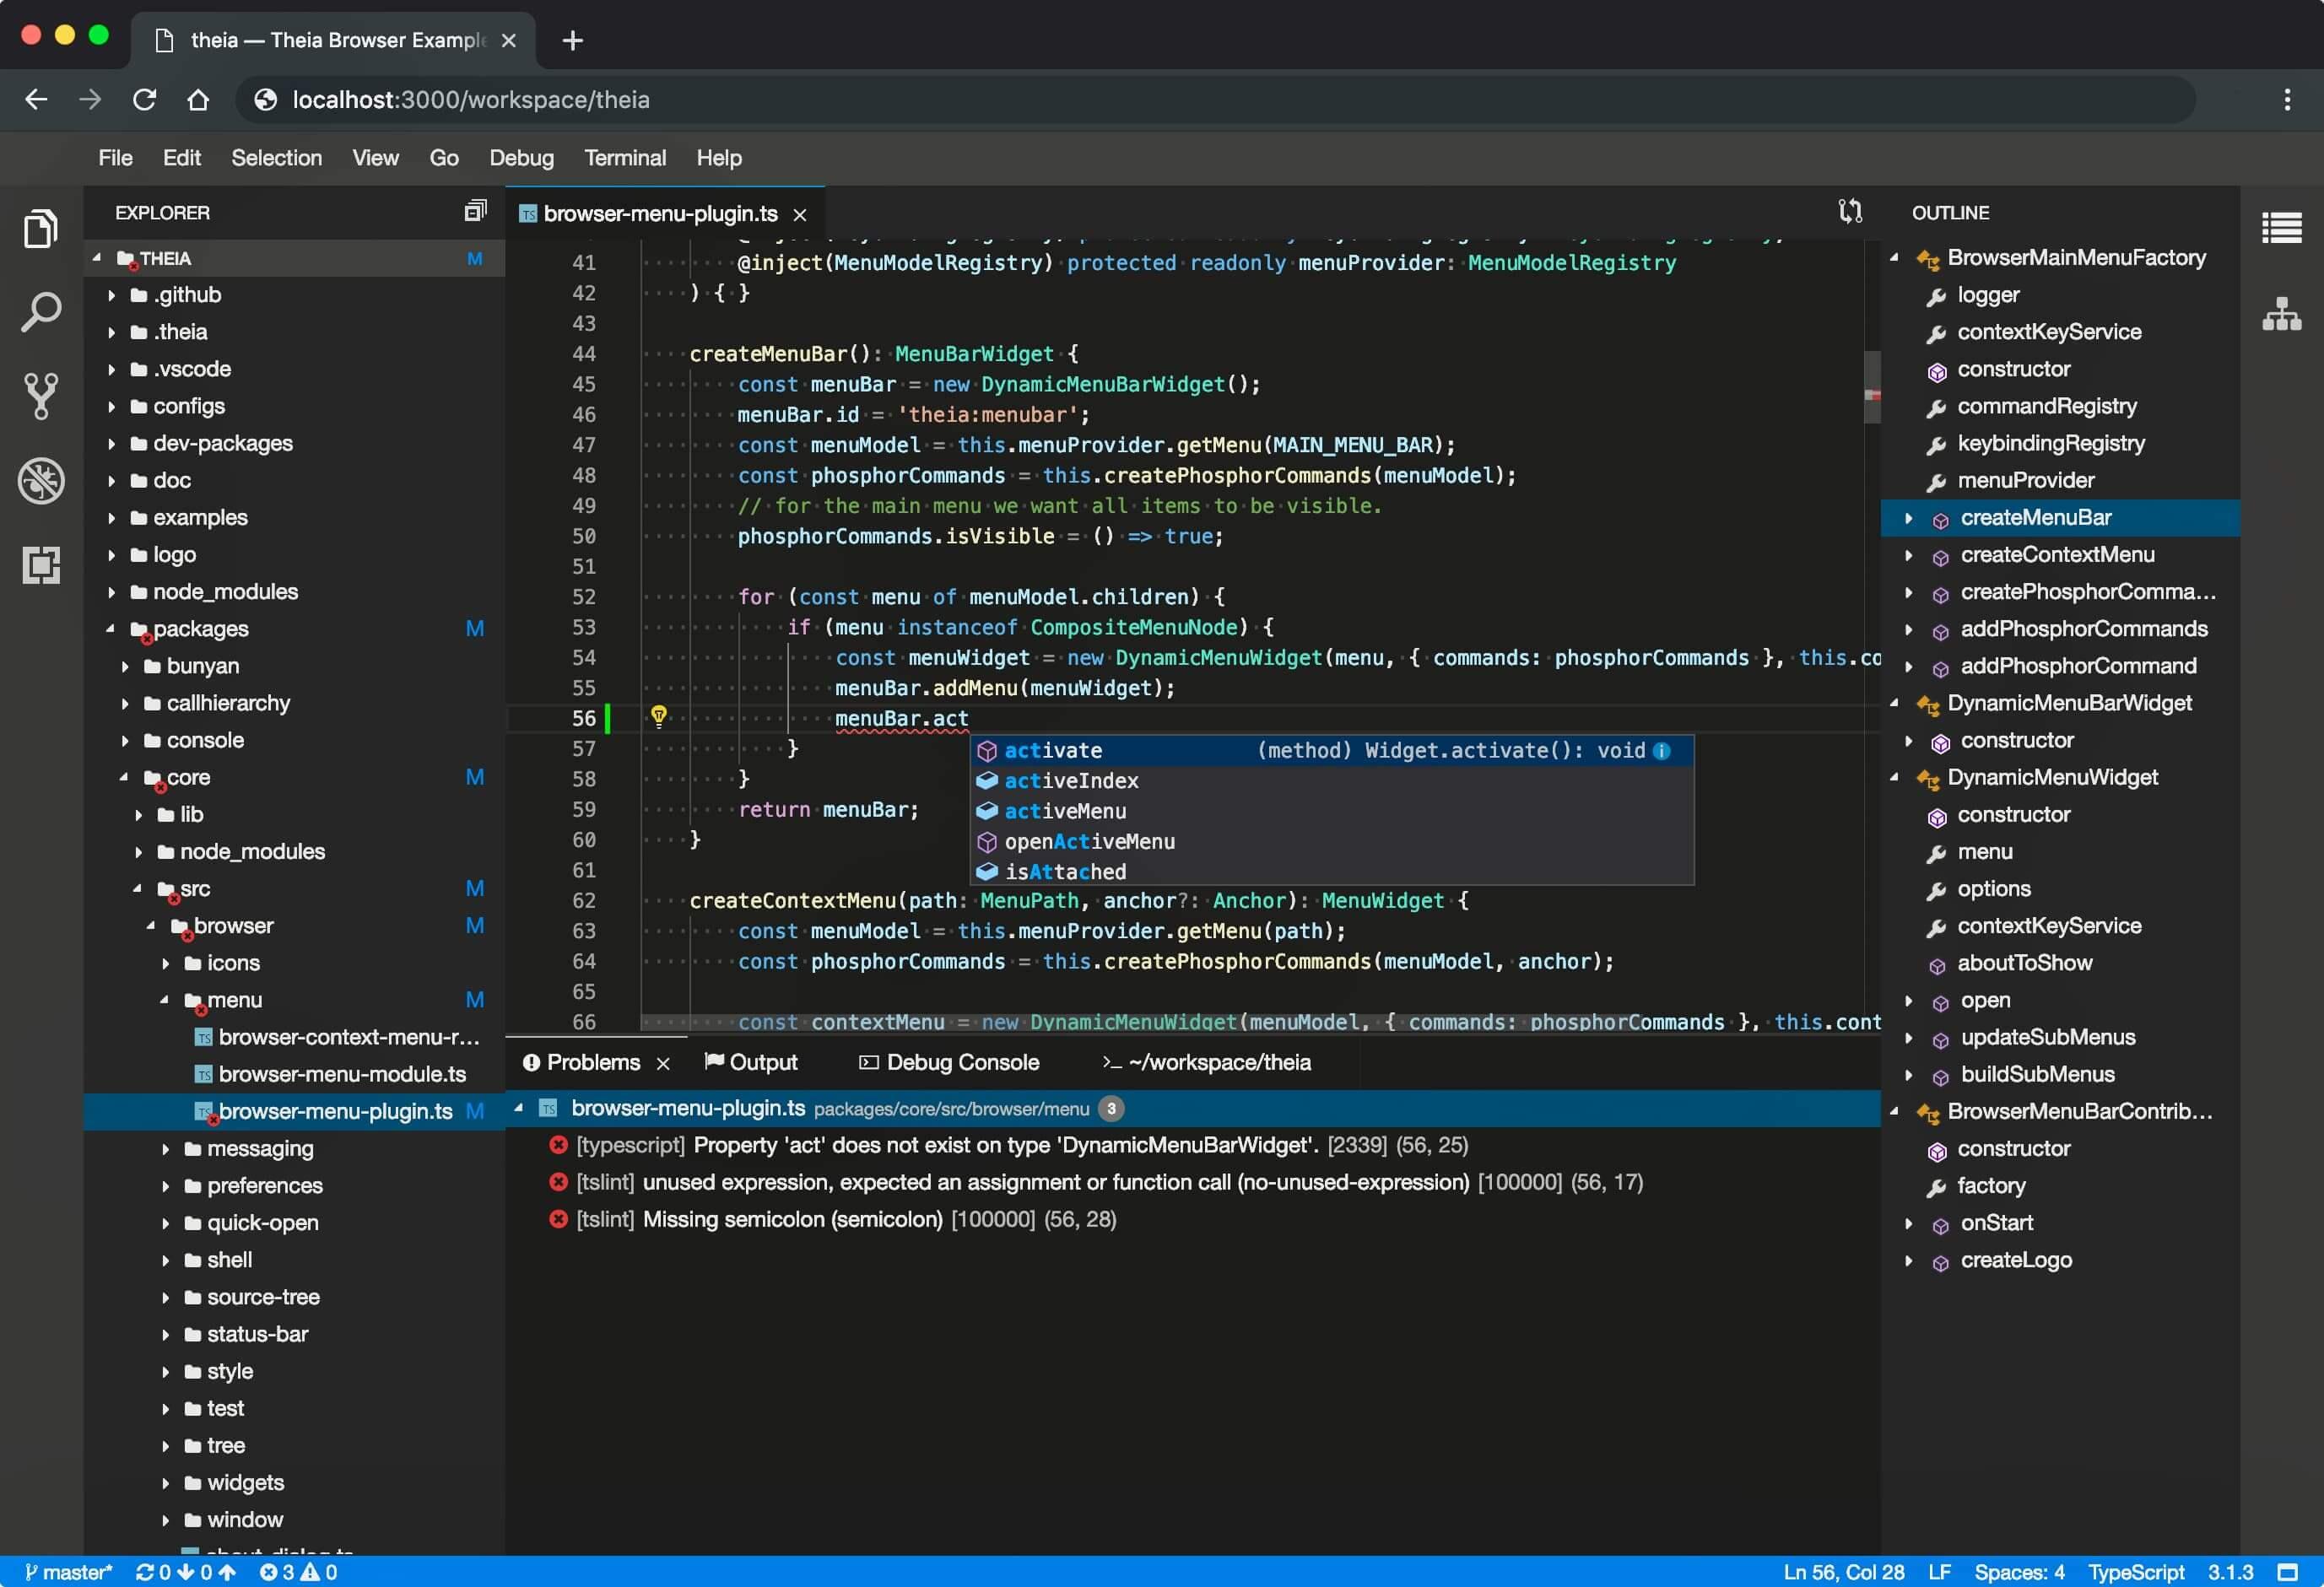 Eclipse Theia 1.0 lançado como a primeira versão dessa plataforma